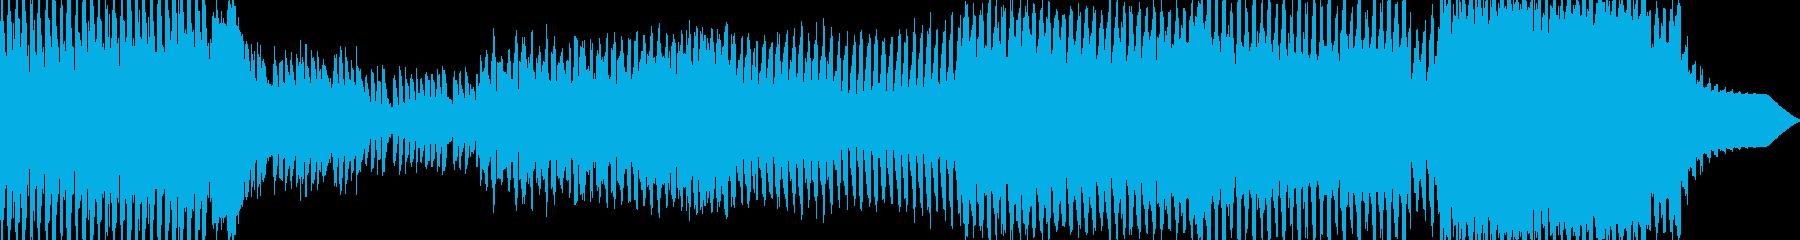 【トランス】切ない、力強いナンバーの再生済みの波形